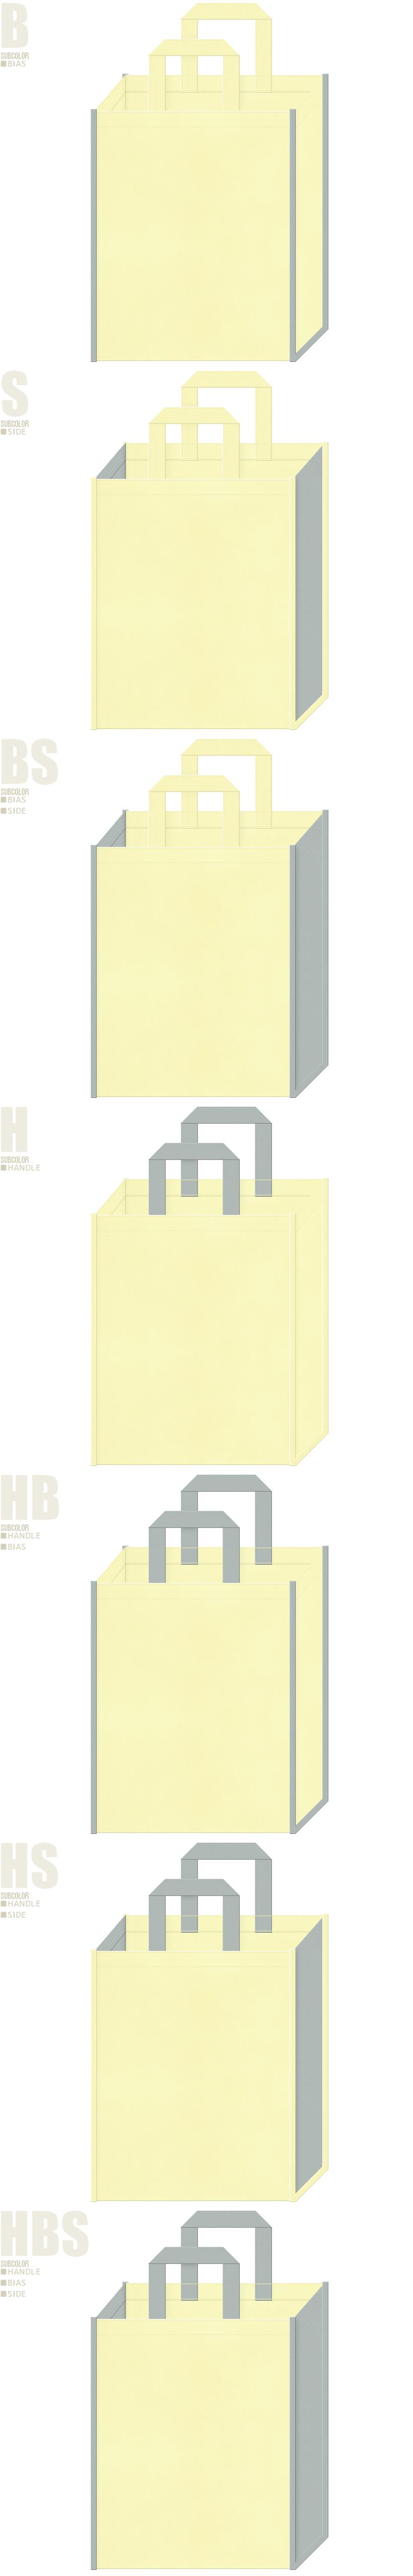 薄黄色とグレー色、7パターンの不織布トートバッグ配色デザイン例。